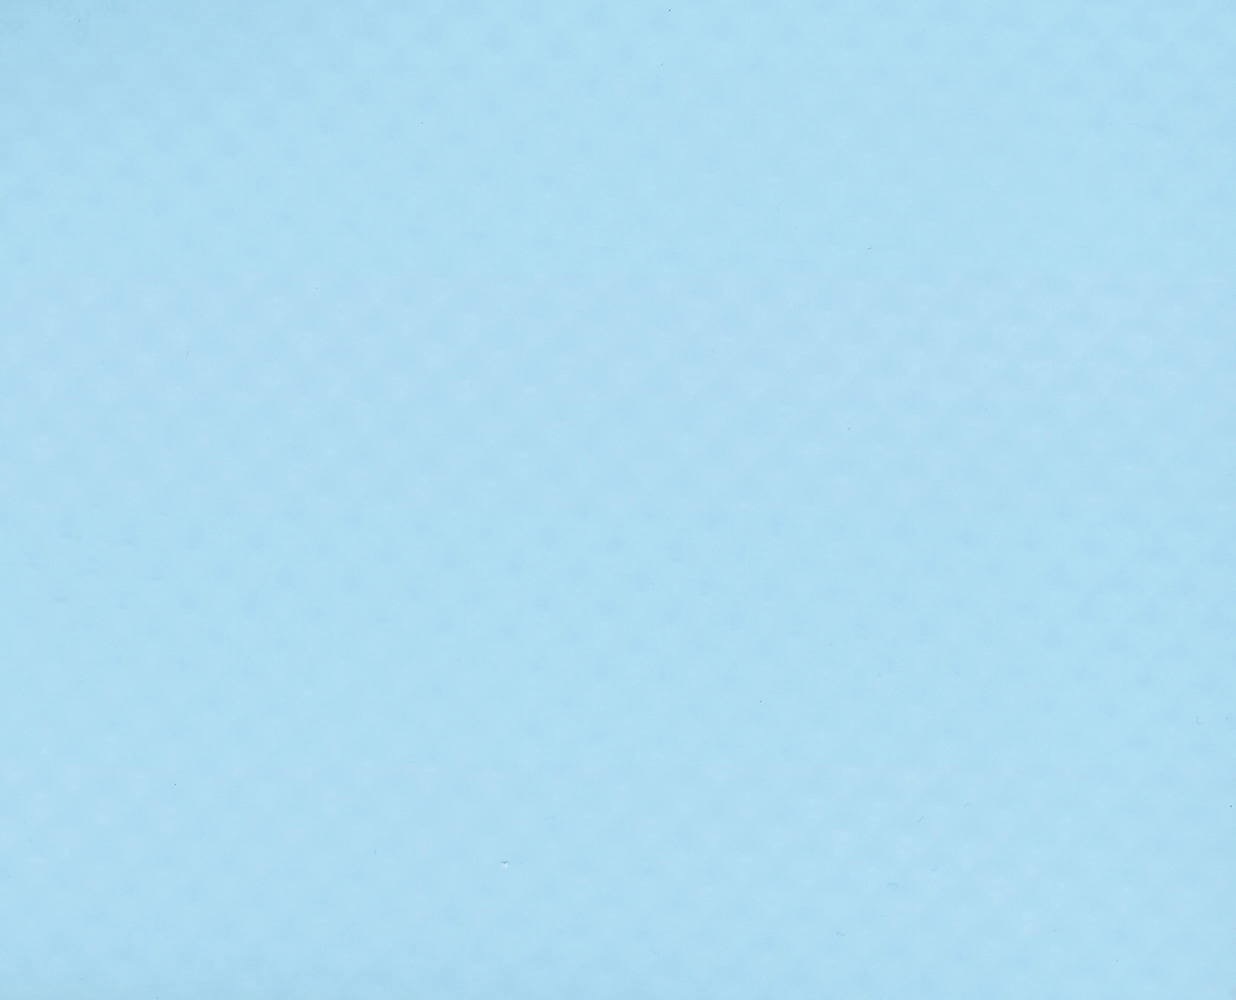 Bazénová fólie z PVC-P ALKORPLAN 2000 světle modrá 1,5 mm